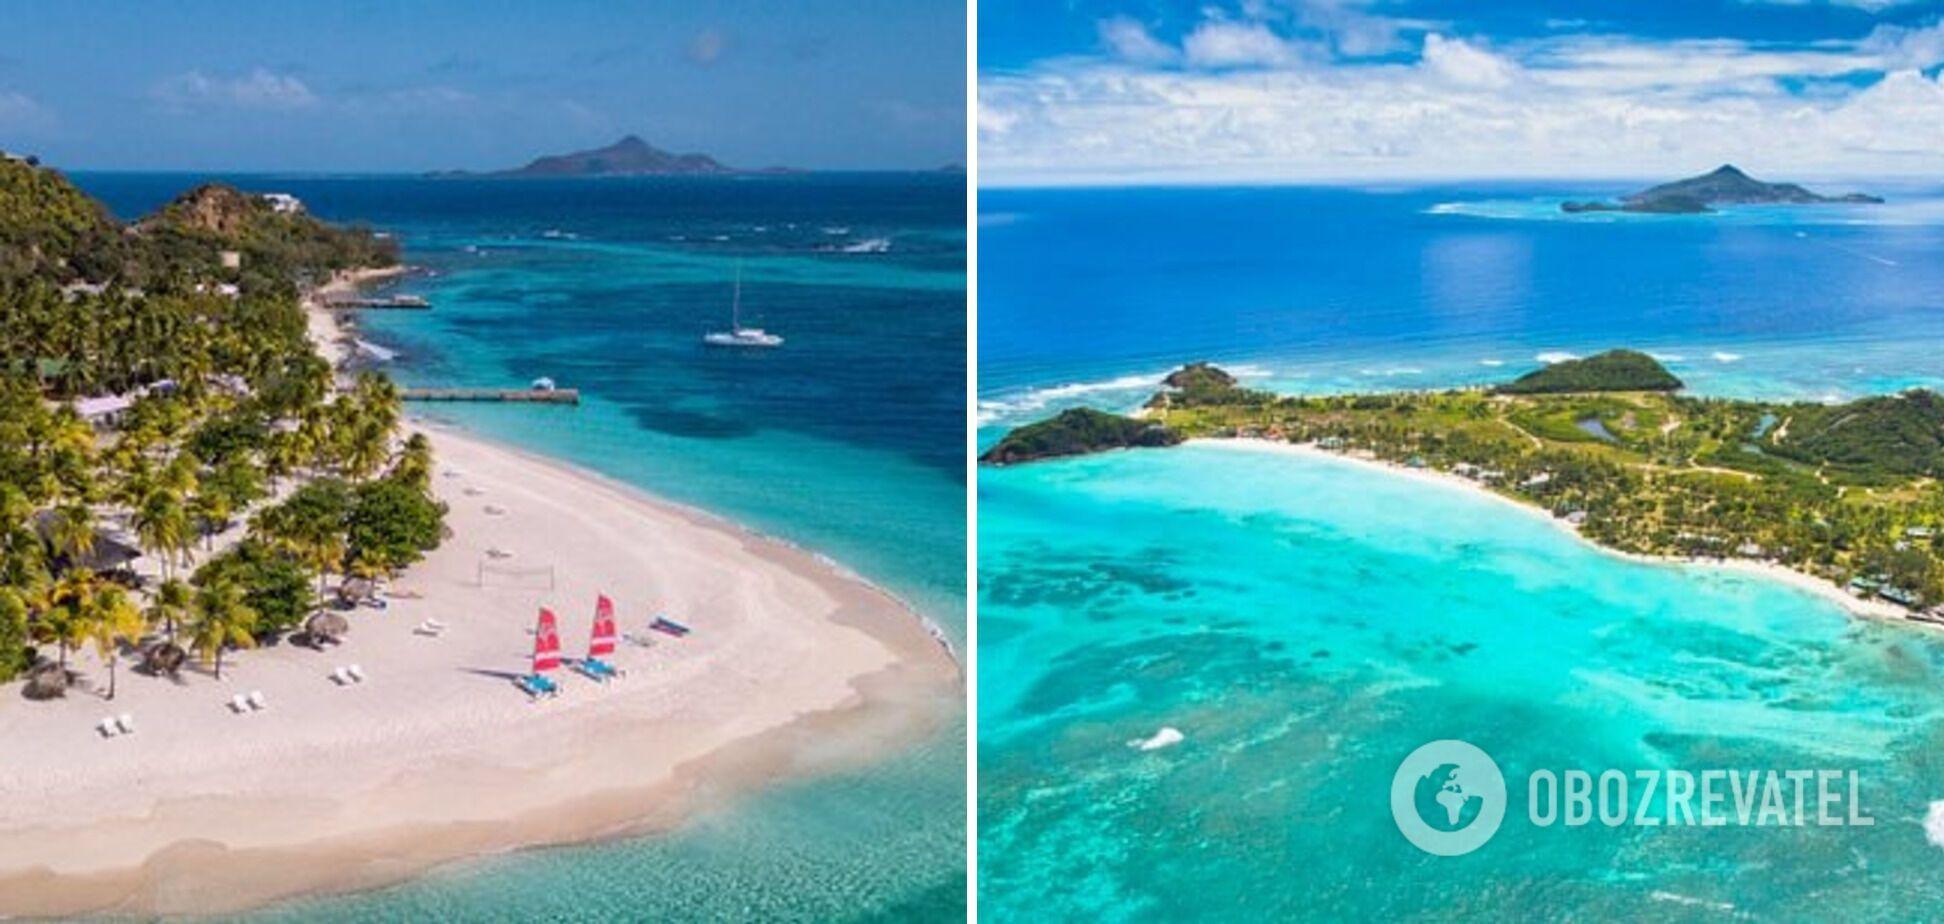 Туристы на острове Палм смогут познакомиться с природными достопримечательностями.